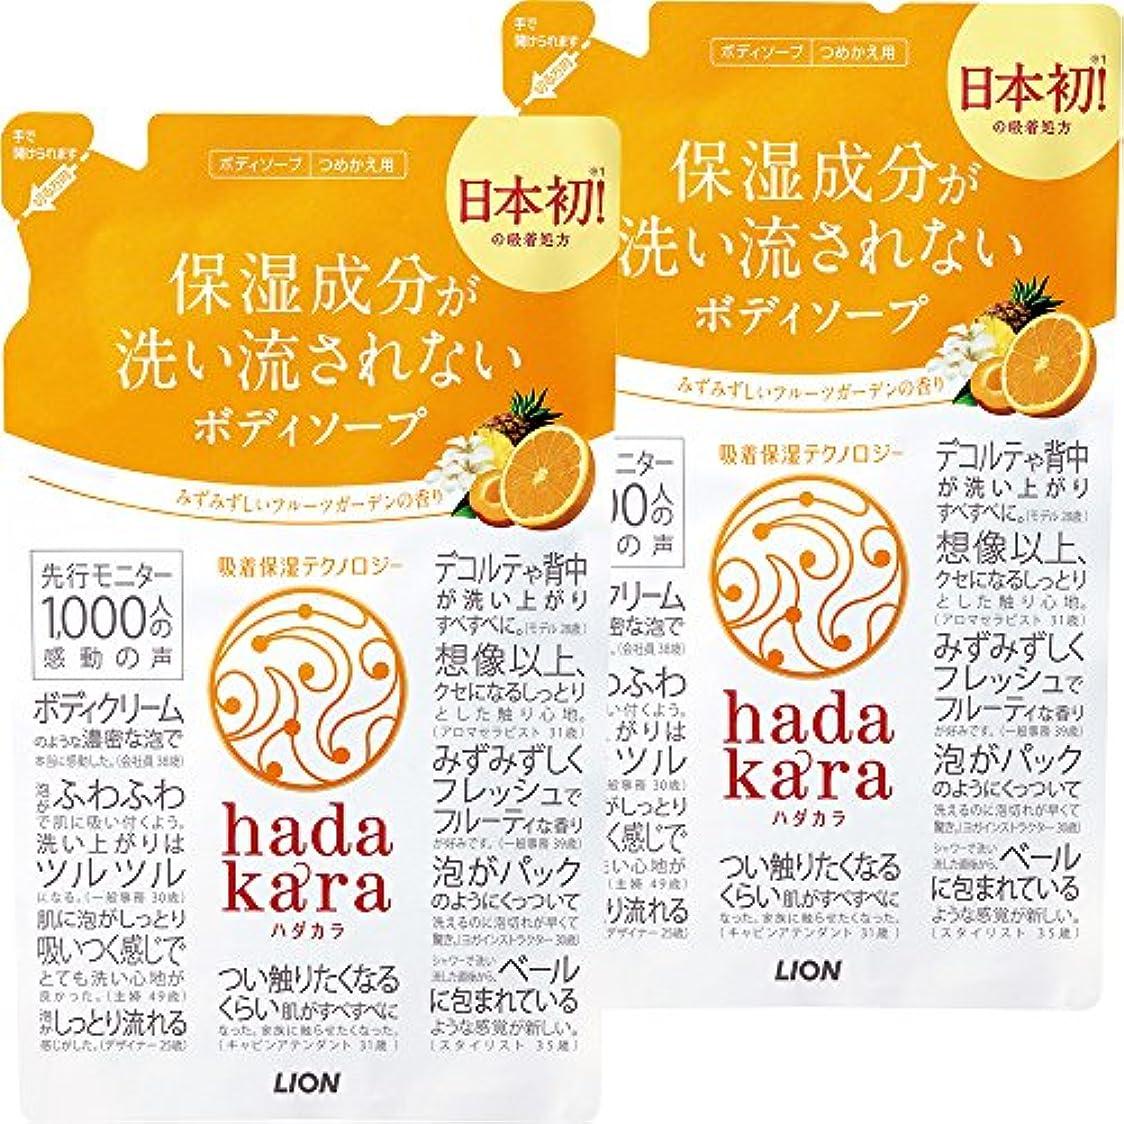 カレンダー保証サークル【まとめ買い】hadakara(ハダカラ) ボディソープ フルーツガーデンの香り 詰め替え 360ml×2個パック